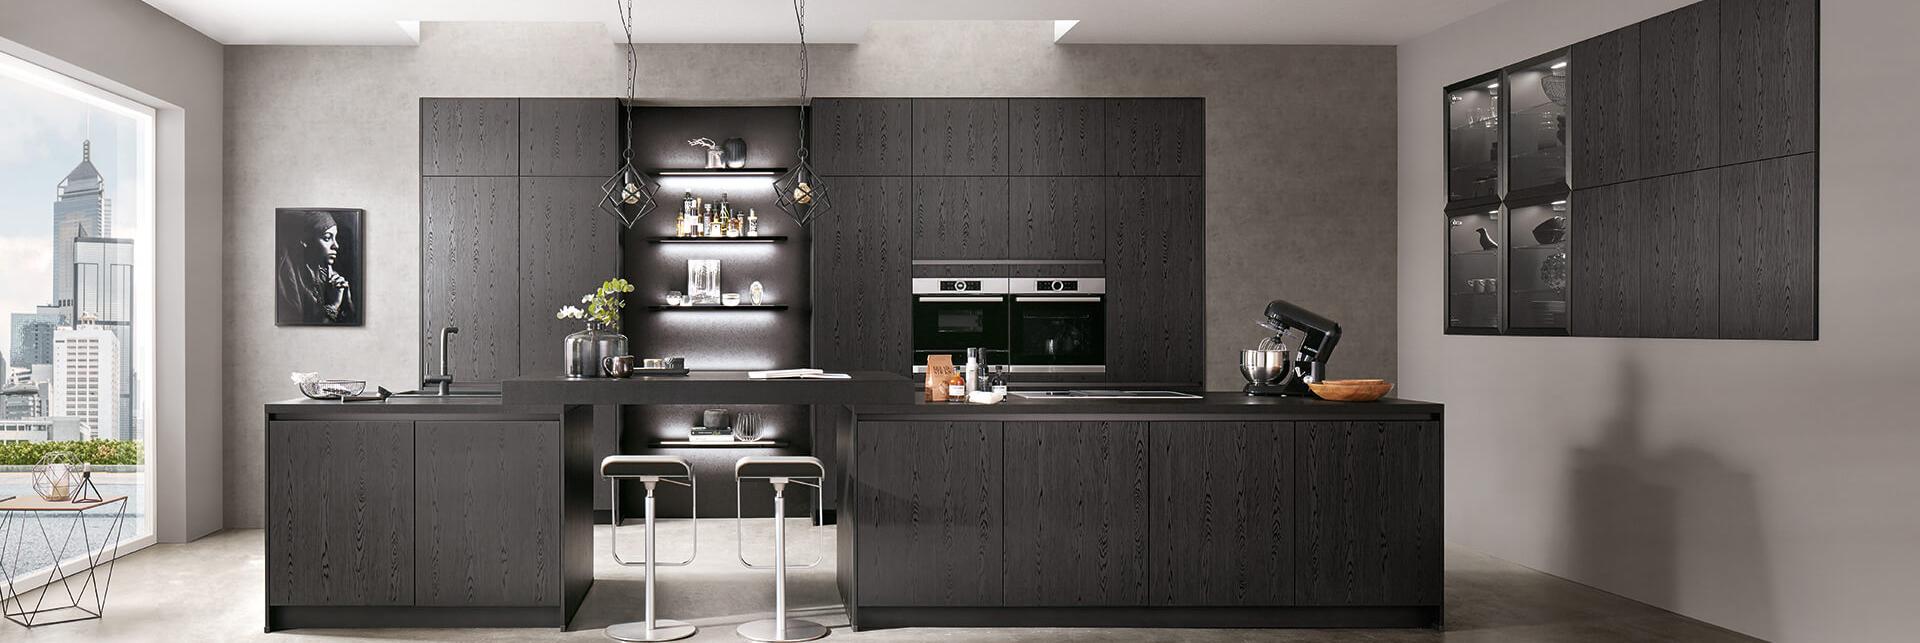 Kücheninsel und Küchenzeile schwarz Holz-Optik mit Glas und integrierter Theke